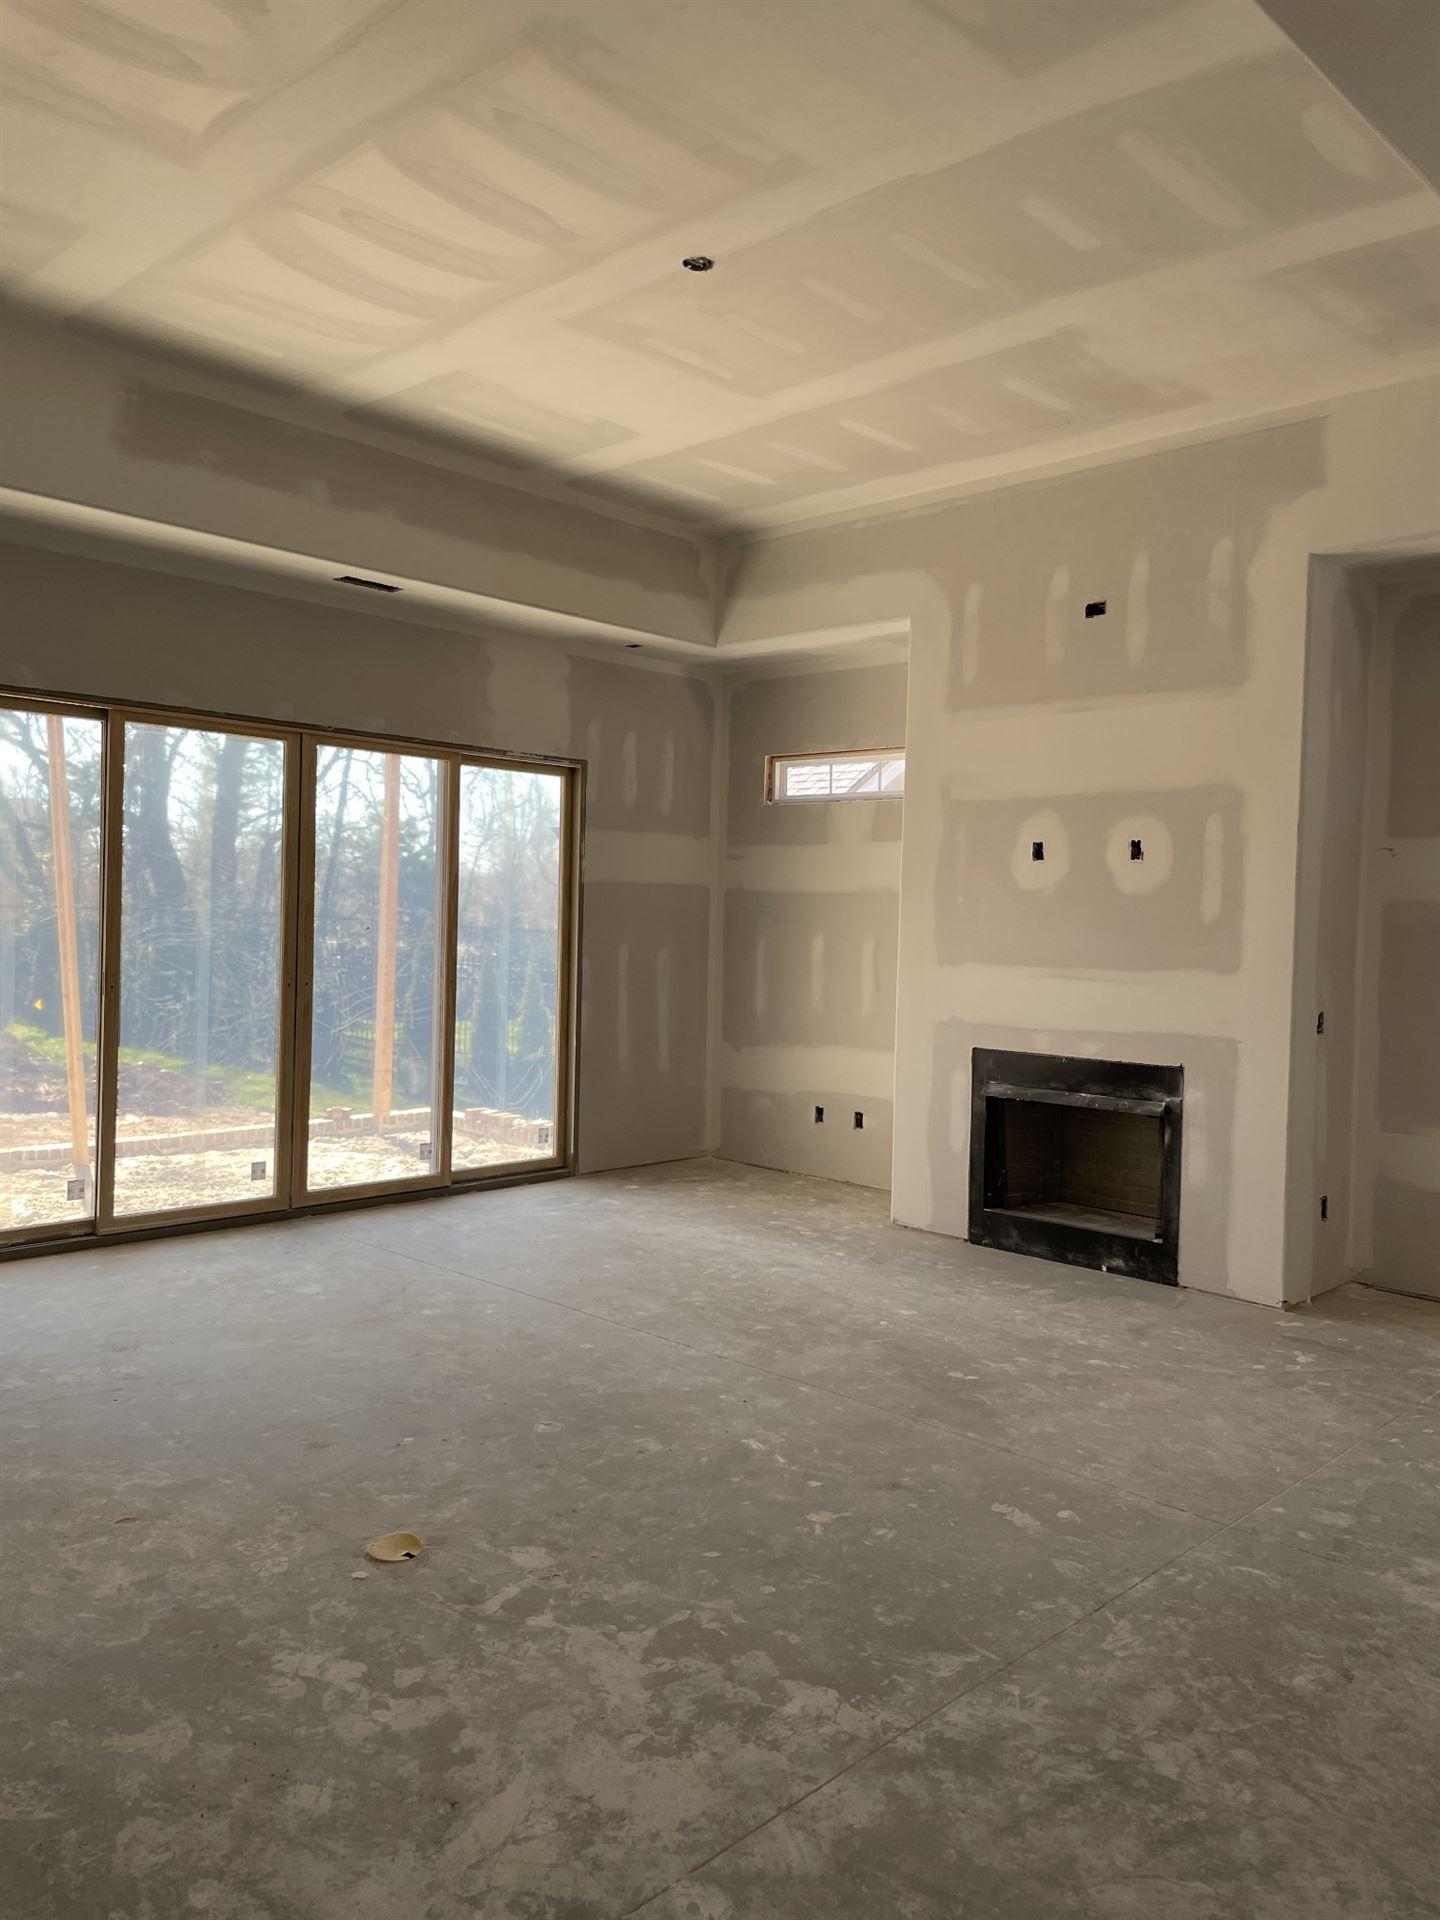 Photo of 2120 White Poplar Court, Murfreesboro, TN 37130 (MLS # 2213744)